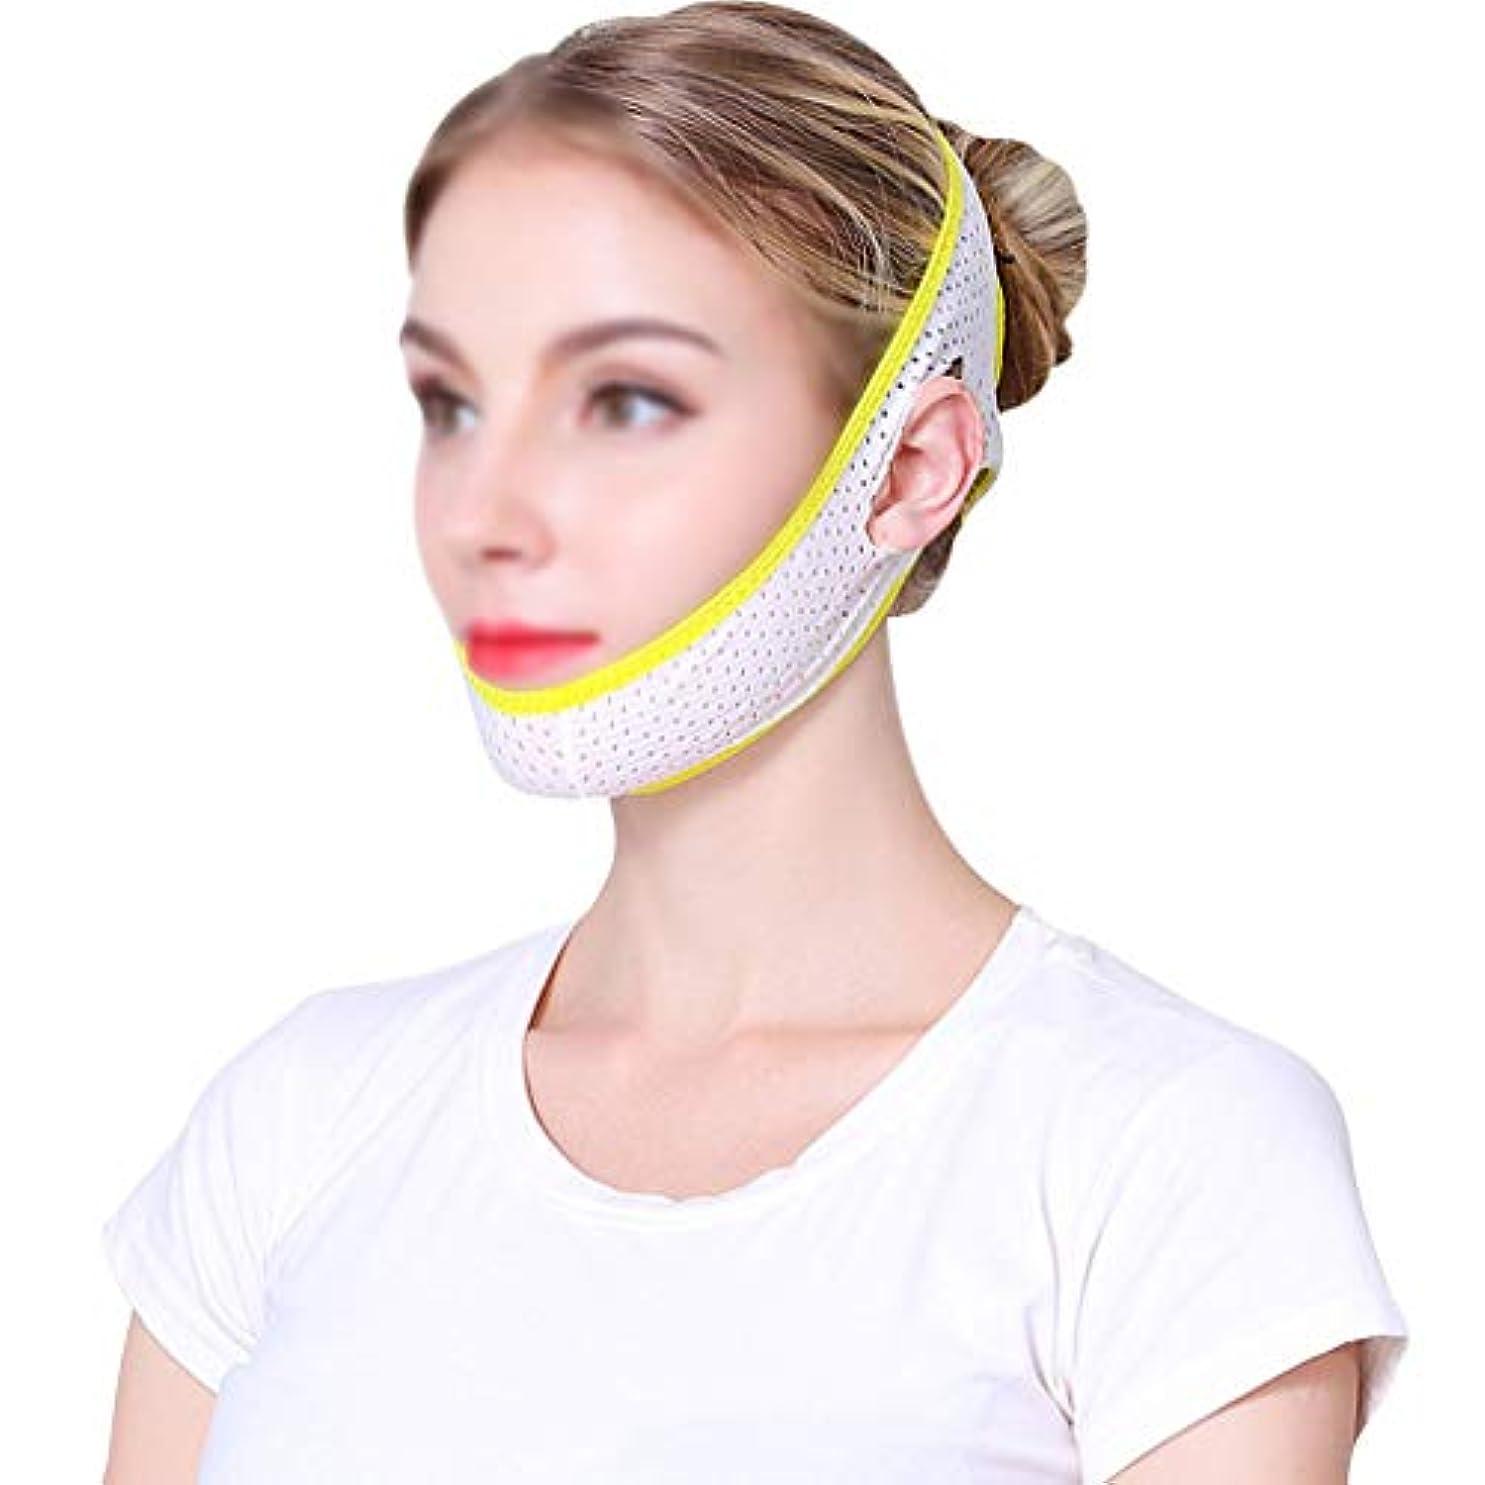 受け入れた困惑するする必要があるXHLMRMJ マスク包帯を持ち上げて、整形手術の夏通気性の薄いセクション二重あごストラップVフェイス薄いフェイスマスク